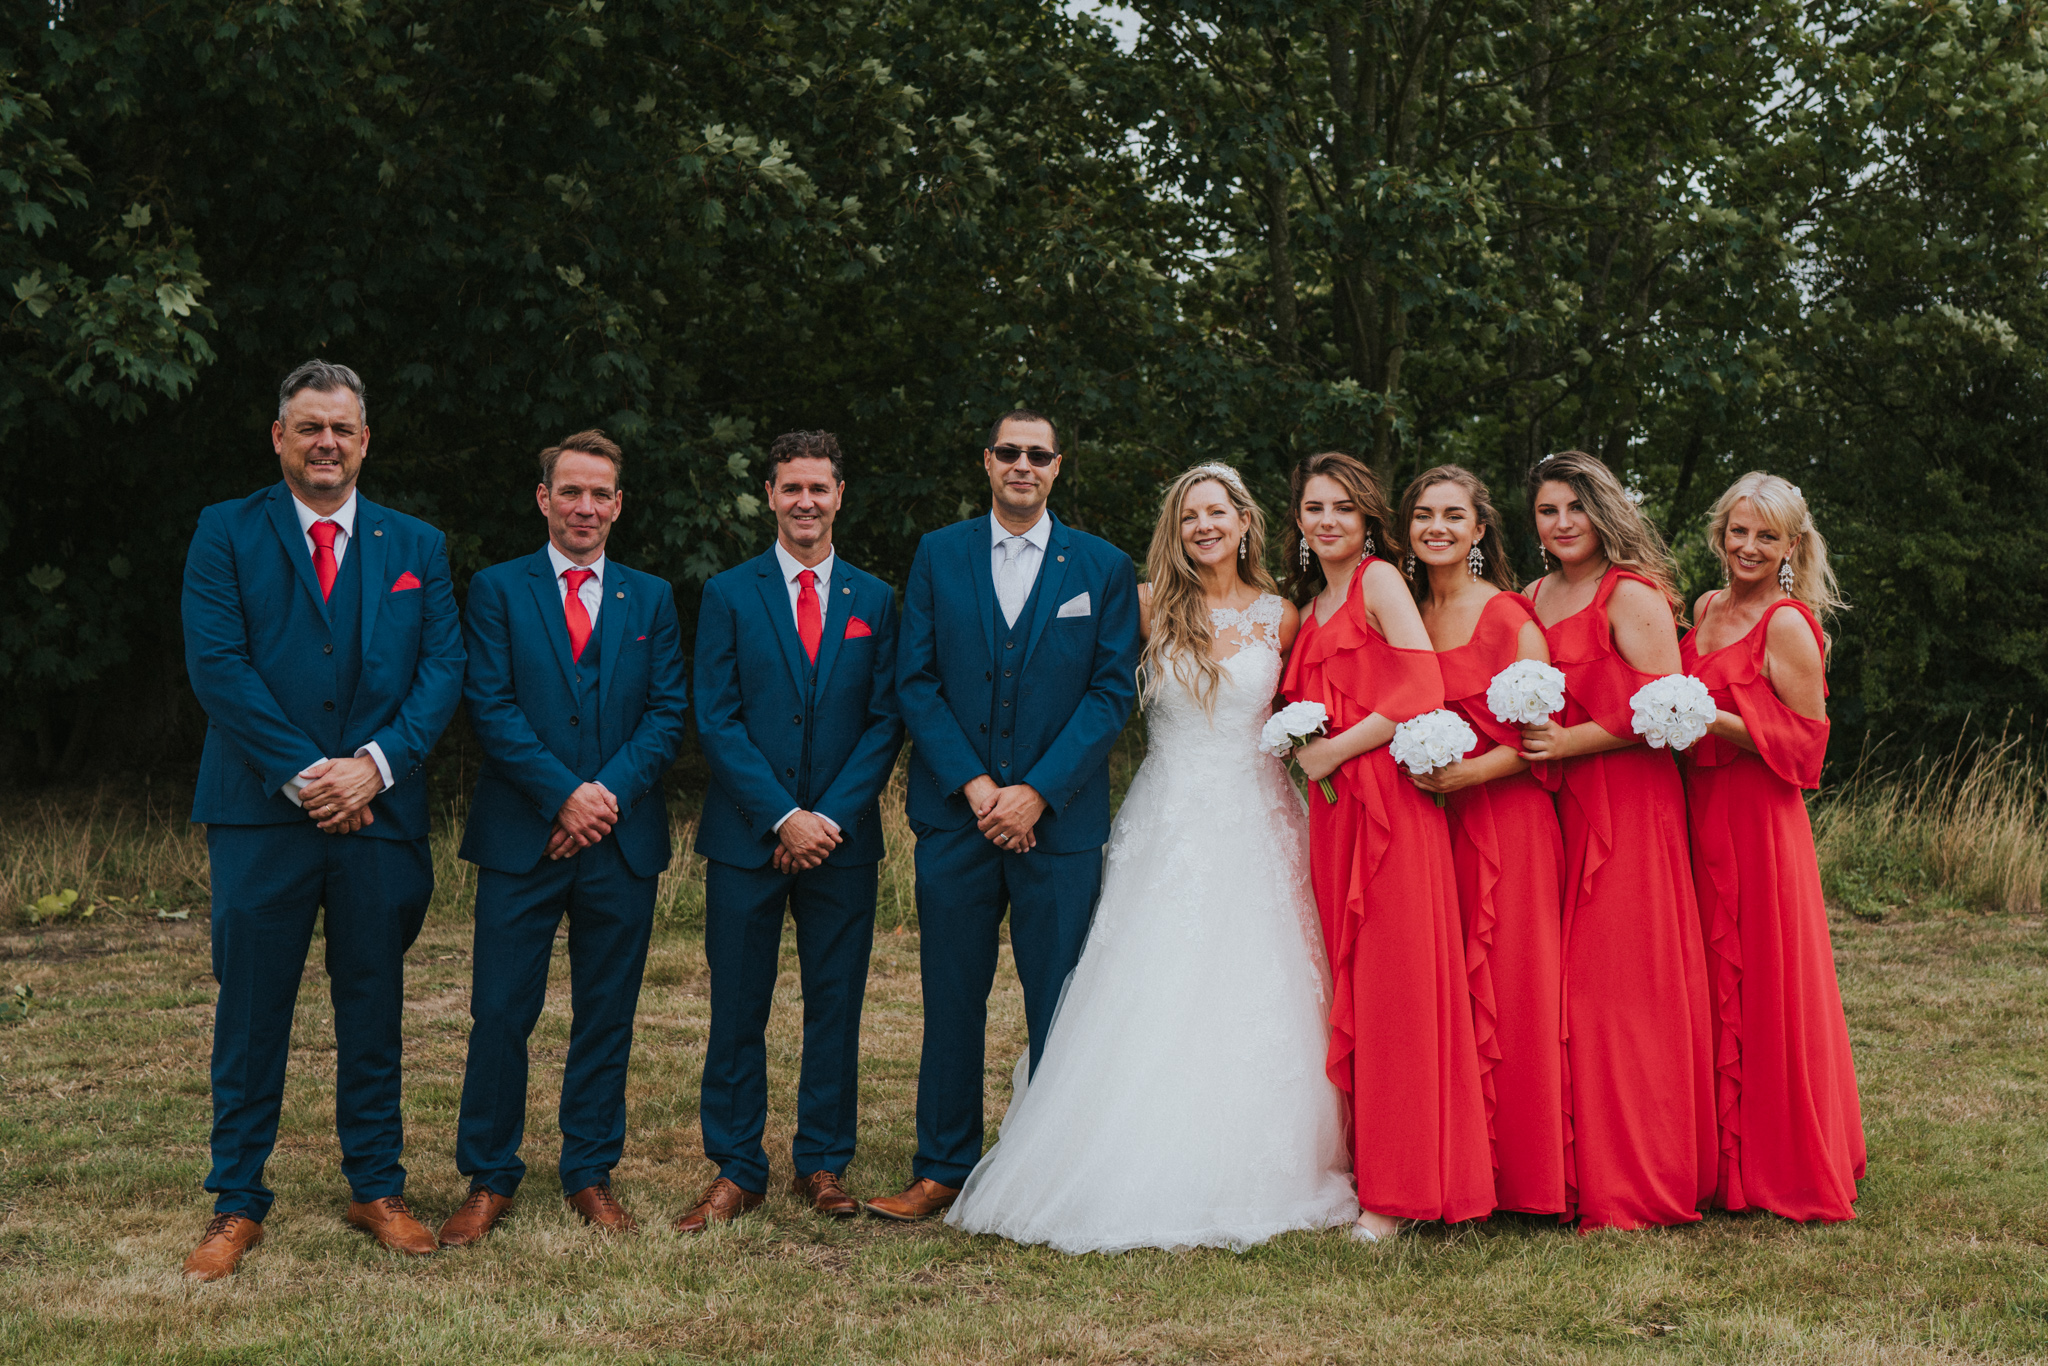 karen-tony-blackthorpe-barn-diy-wedding-grace-elizabeth-colchester-essex-alternative-wedding-lifestyle-photographer-essex-suffolk-norfolk-devon (30 of 35).jpg